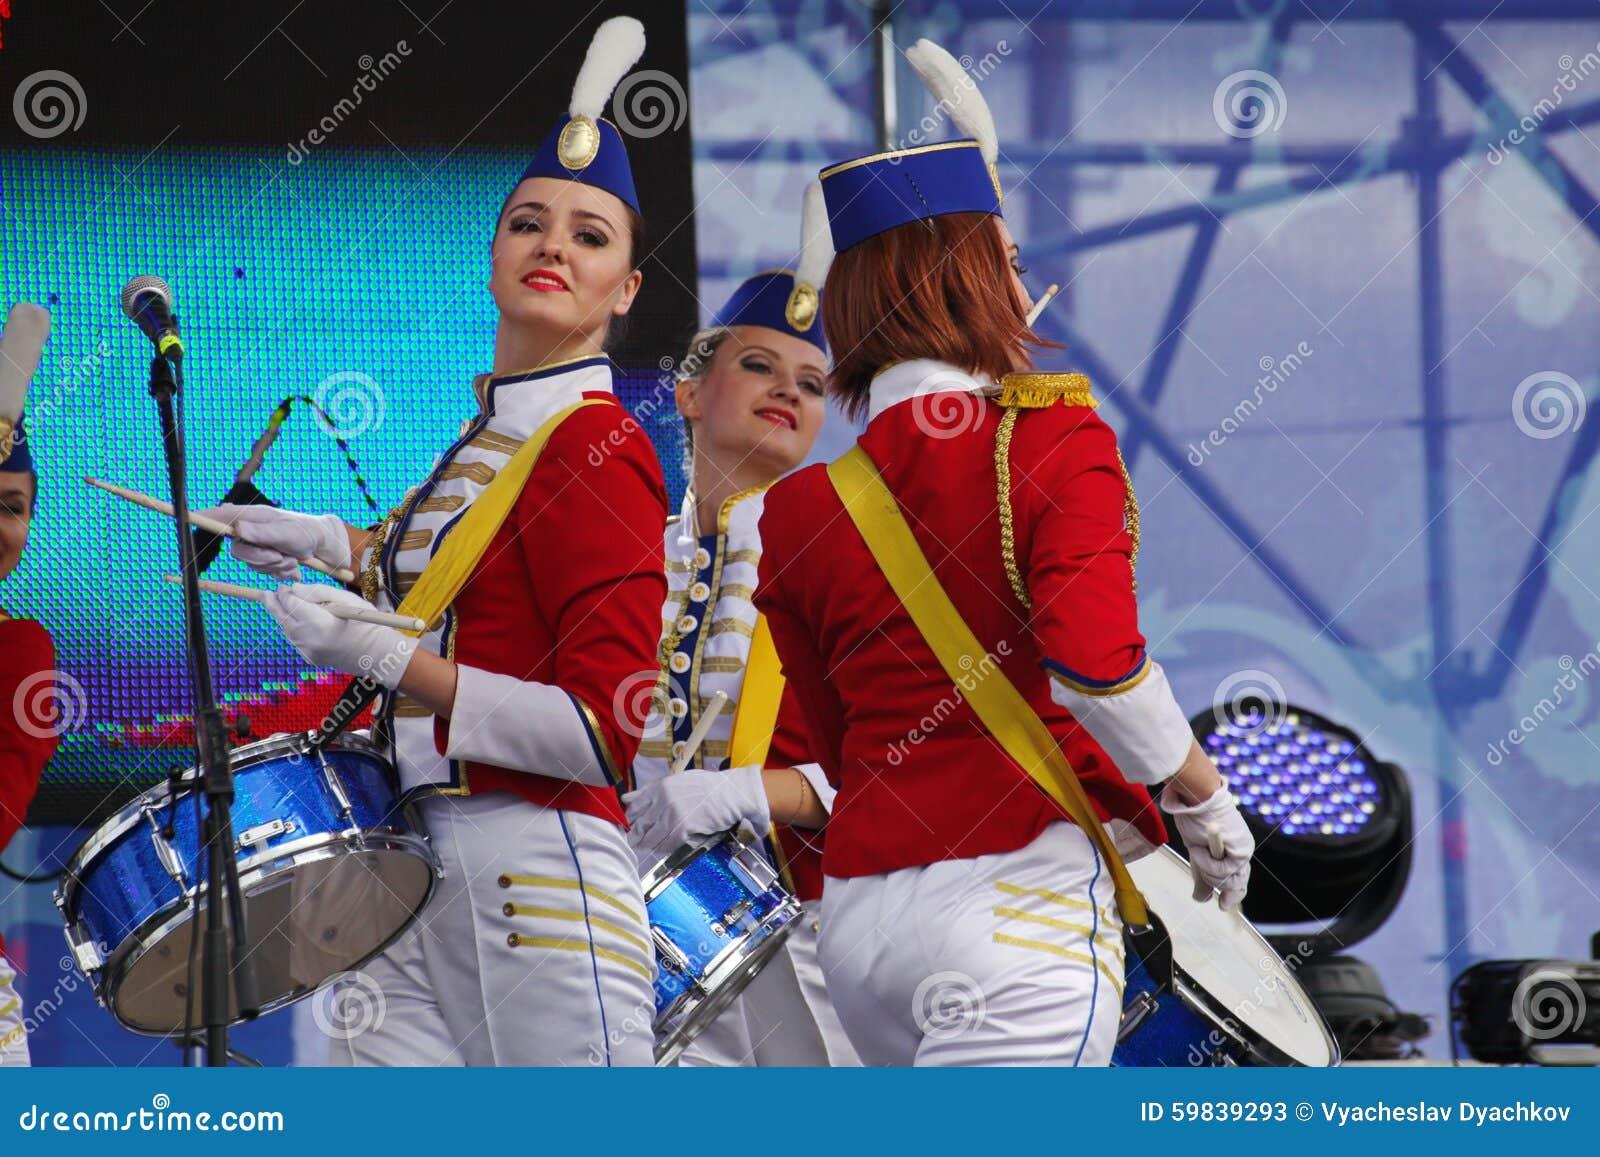 Prestaties mooie actrices van het de groepsensemble van het showorkest van slagwerkersextravagantie